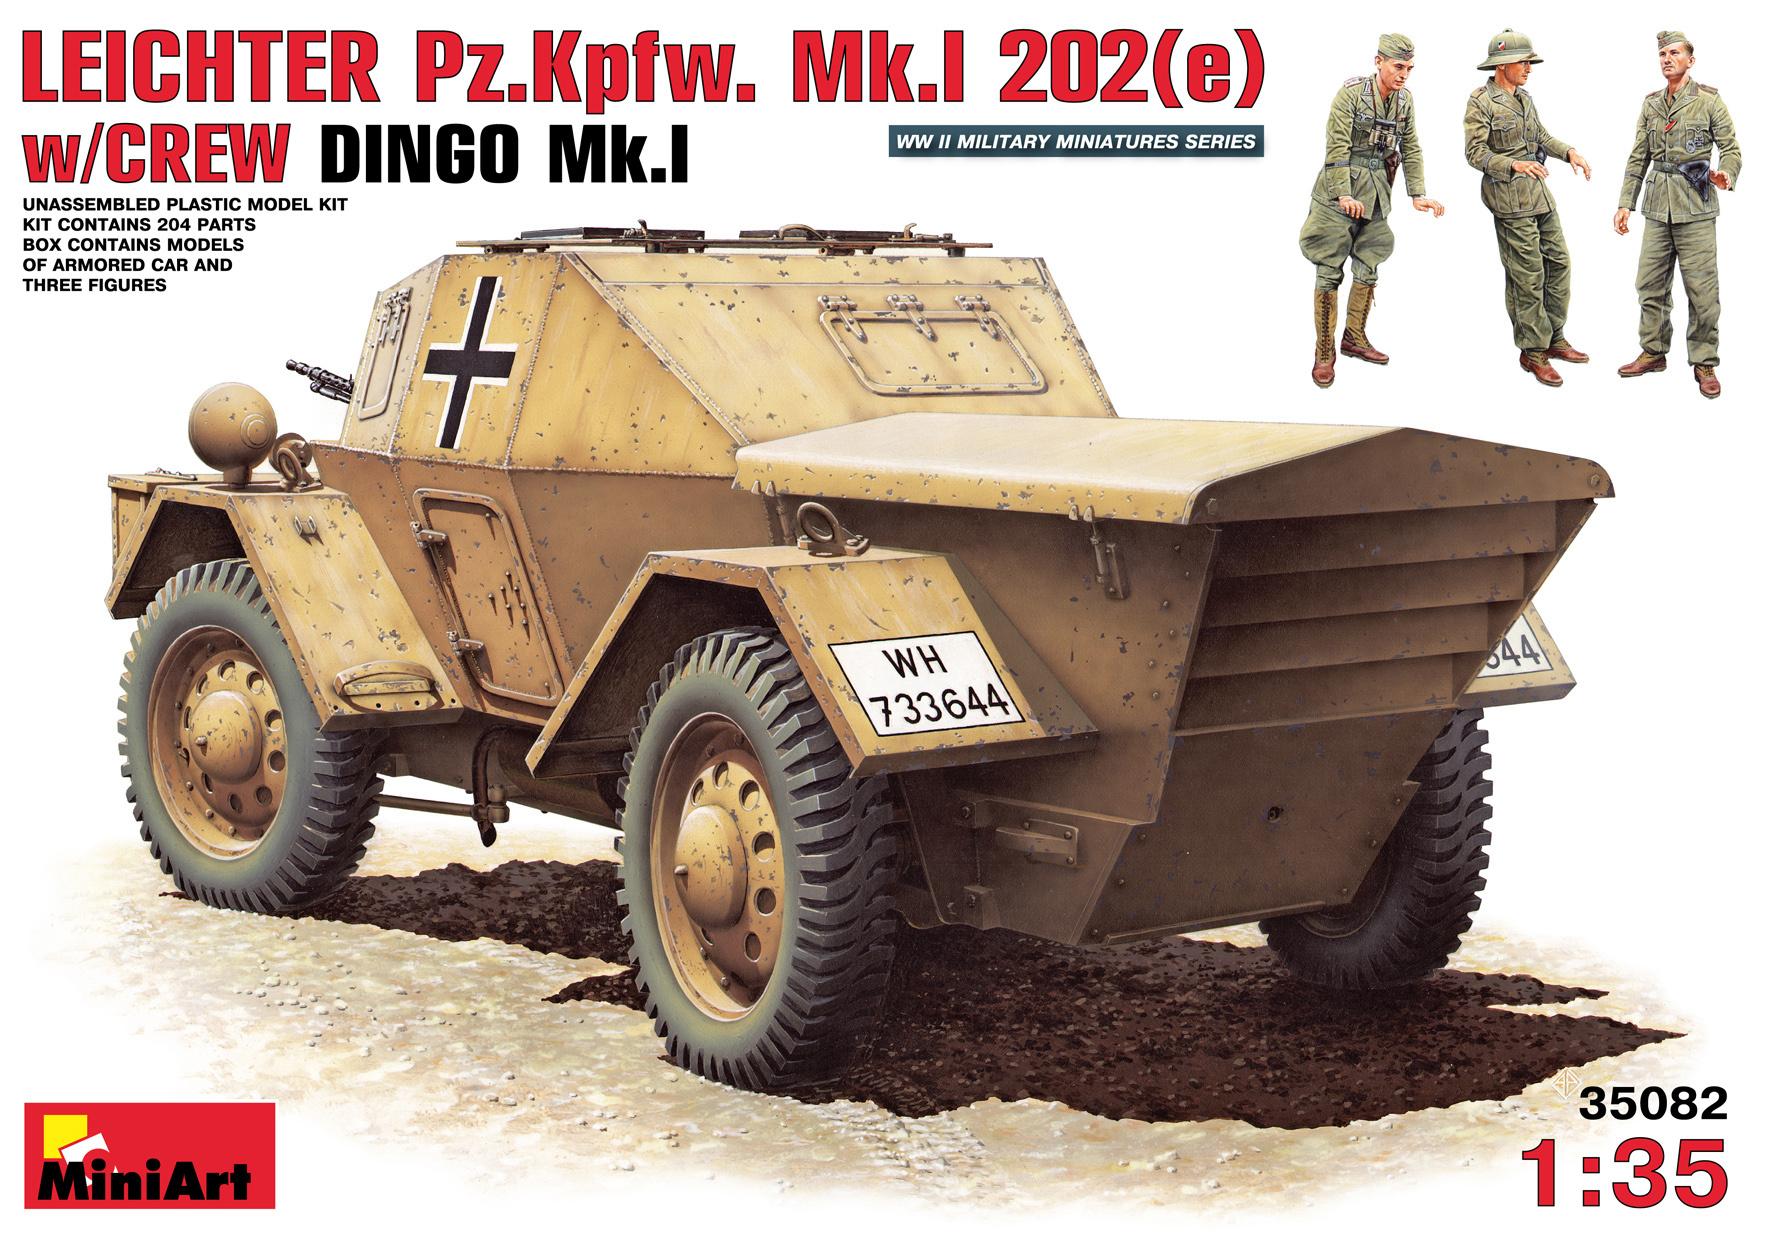 MiniArt Leichter Pz. Kpfw. Mk 1202 (E). With Crew - Scale 1/35 - Mini Art - MIT35082